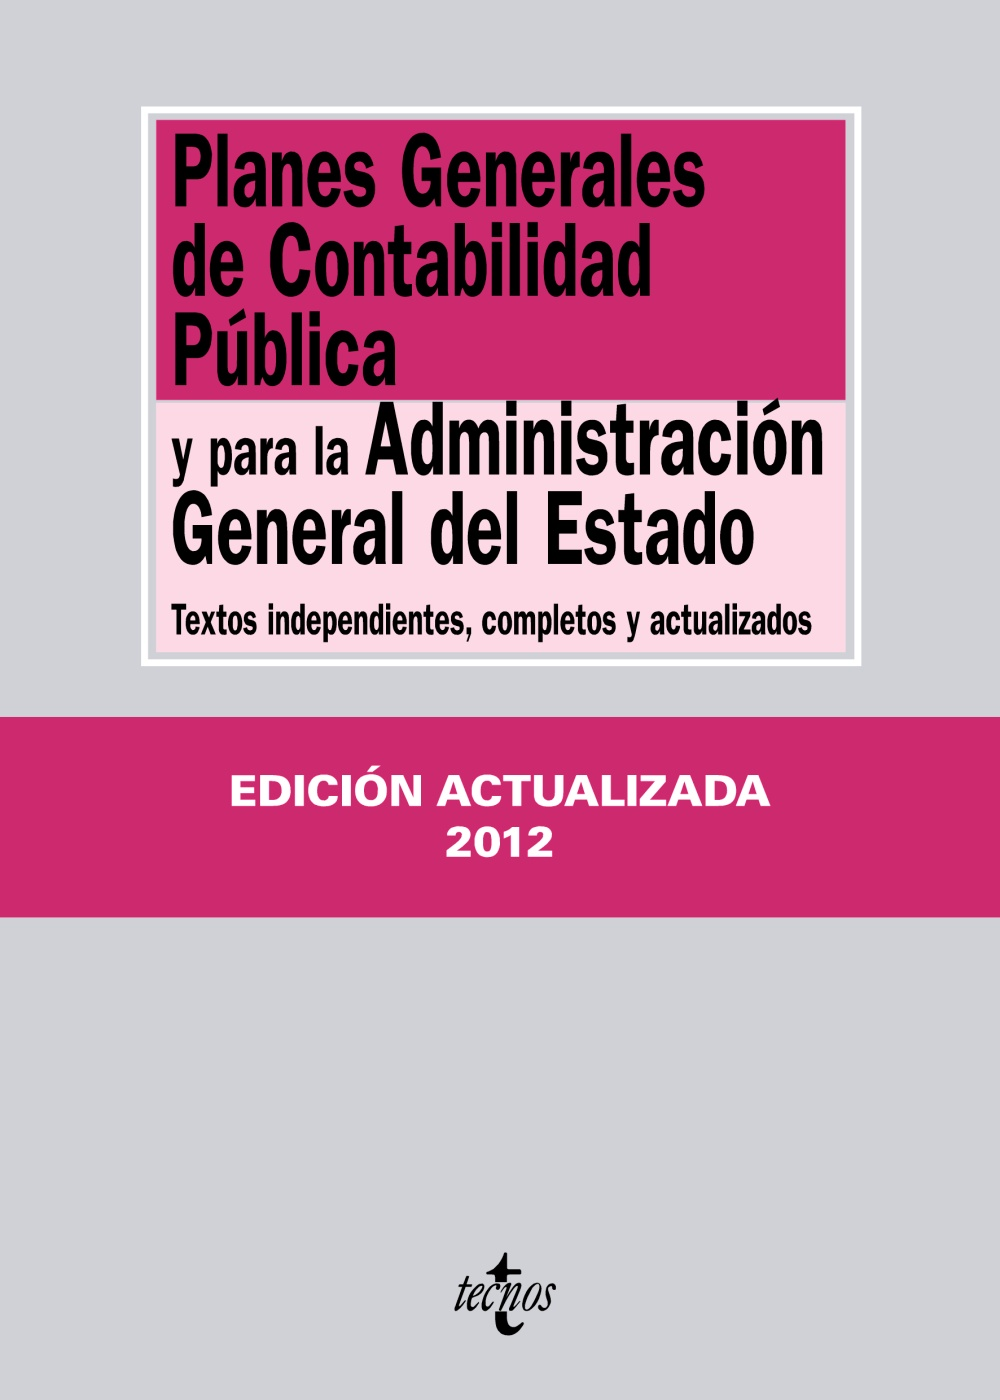 Planes Generales de Contabilidad Pública y para la Administración General del Estado